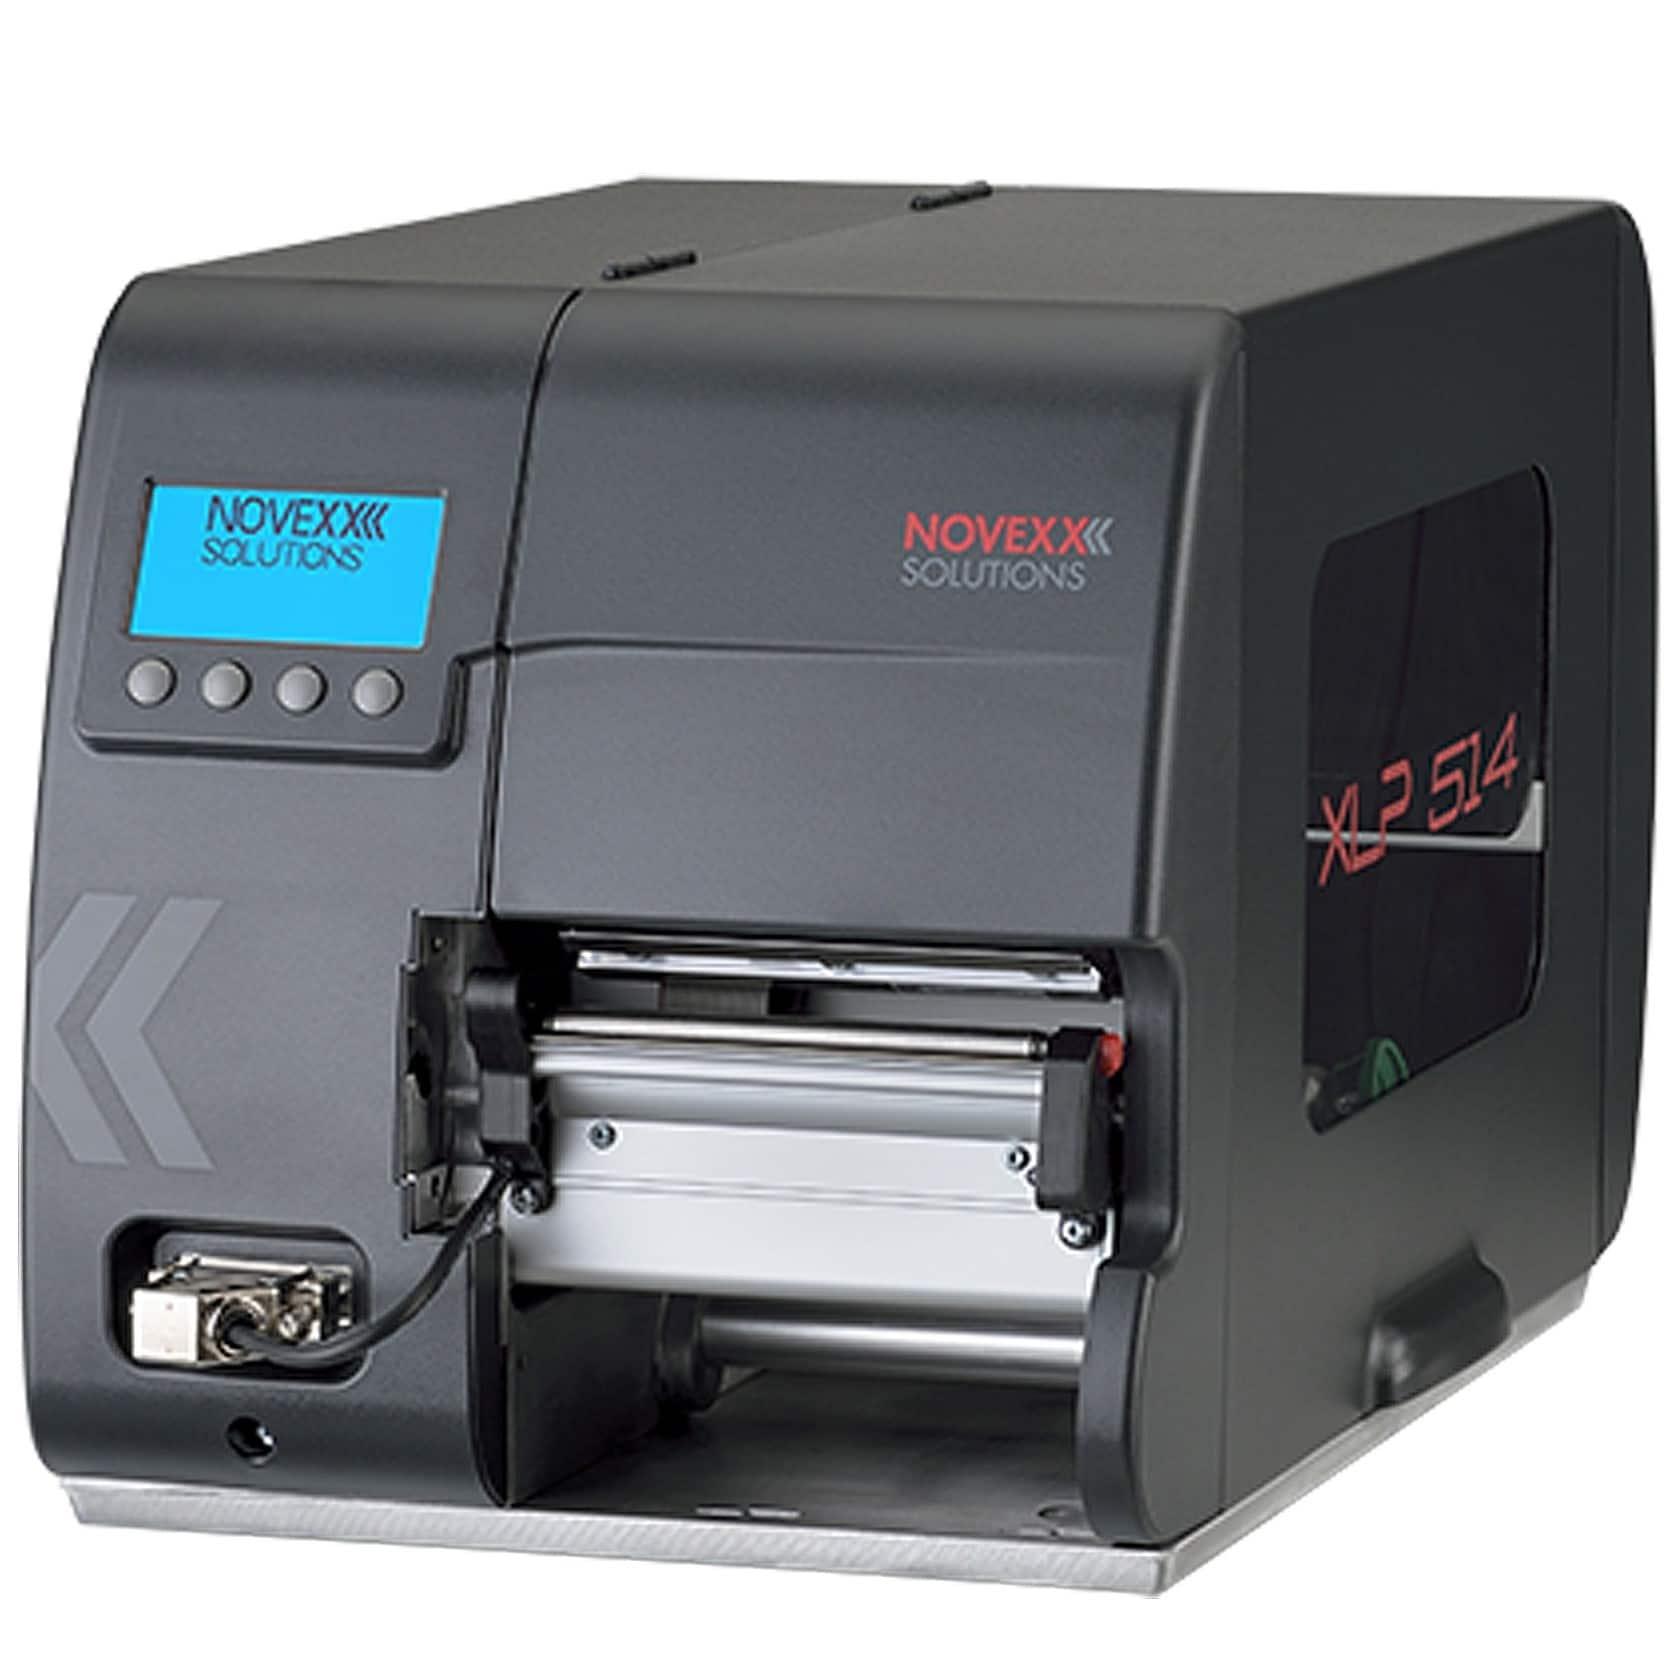 Imprimante d'étiquettes NOVEXX XLP-514